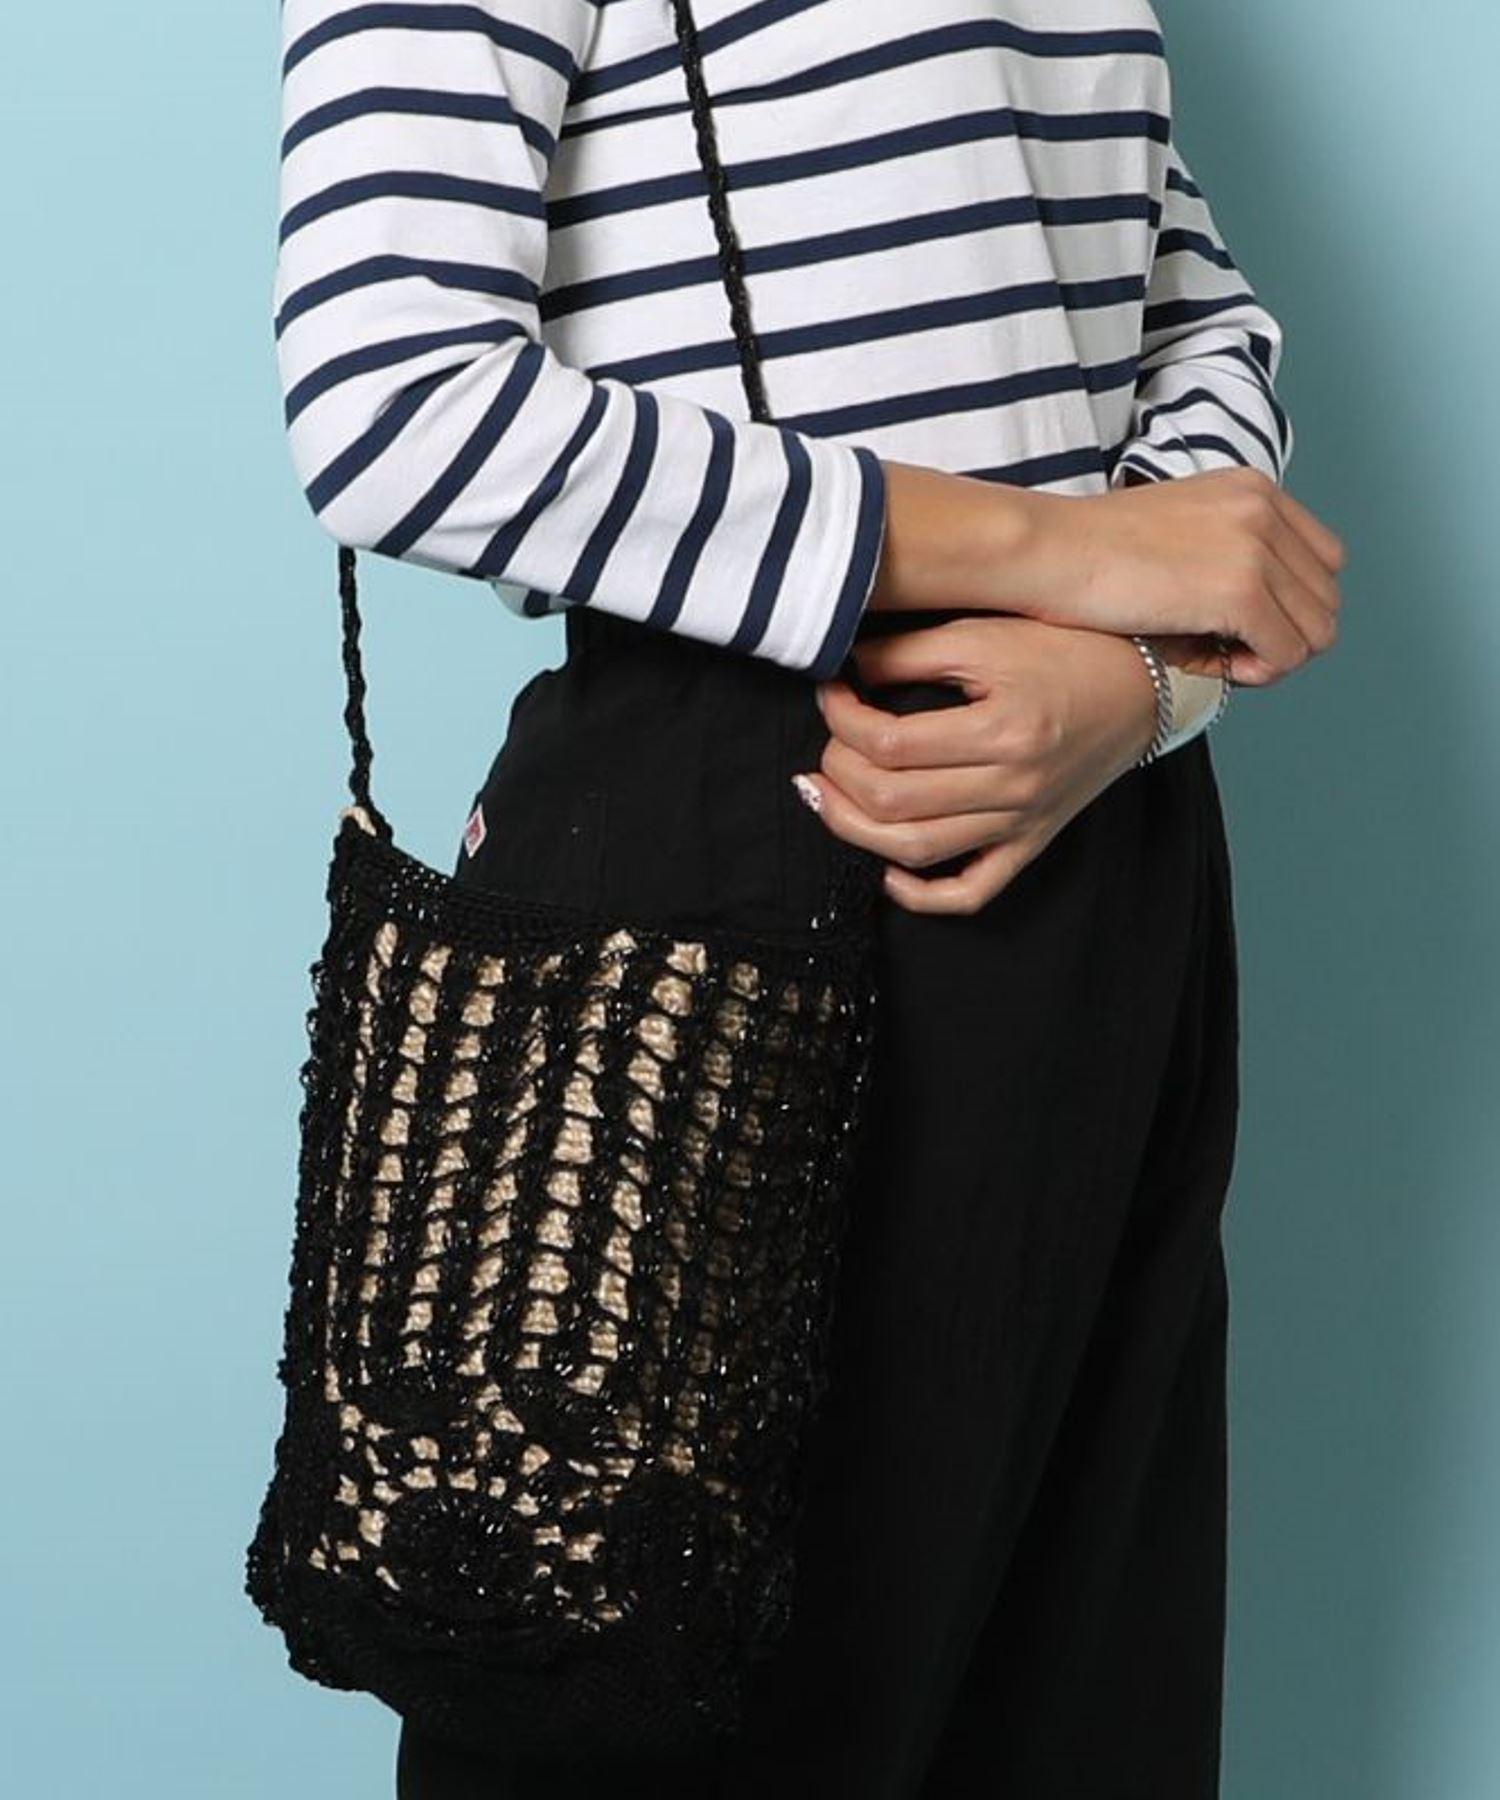 JAMIRAY ジャミレイ / ニットバスケットバッグ Knitbasket Bag